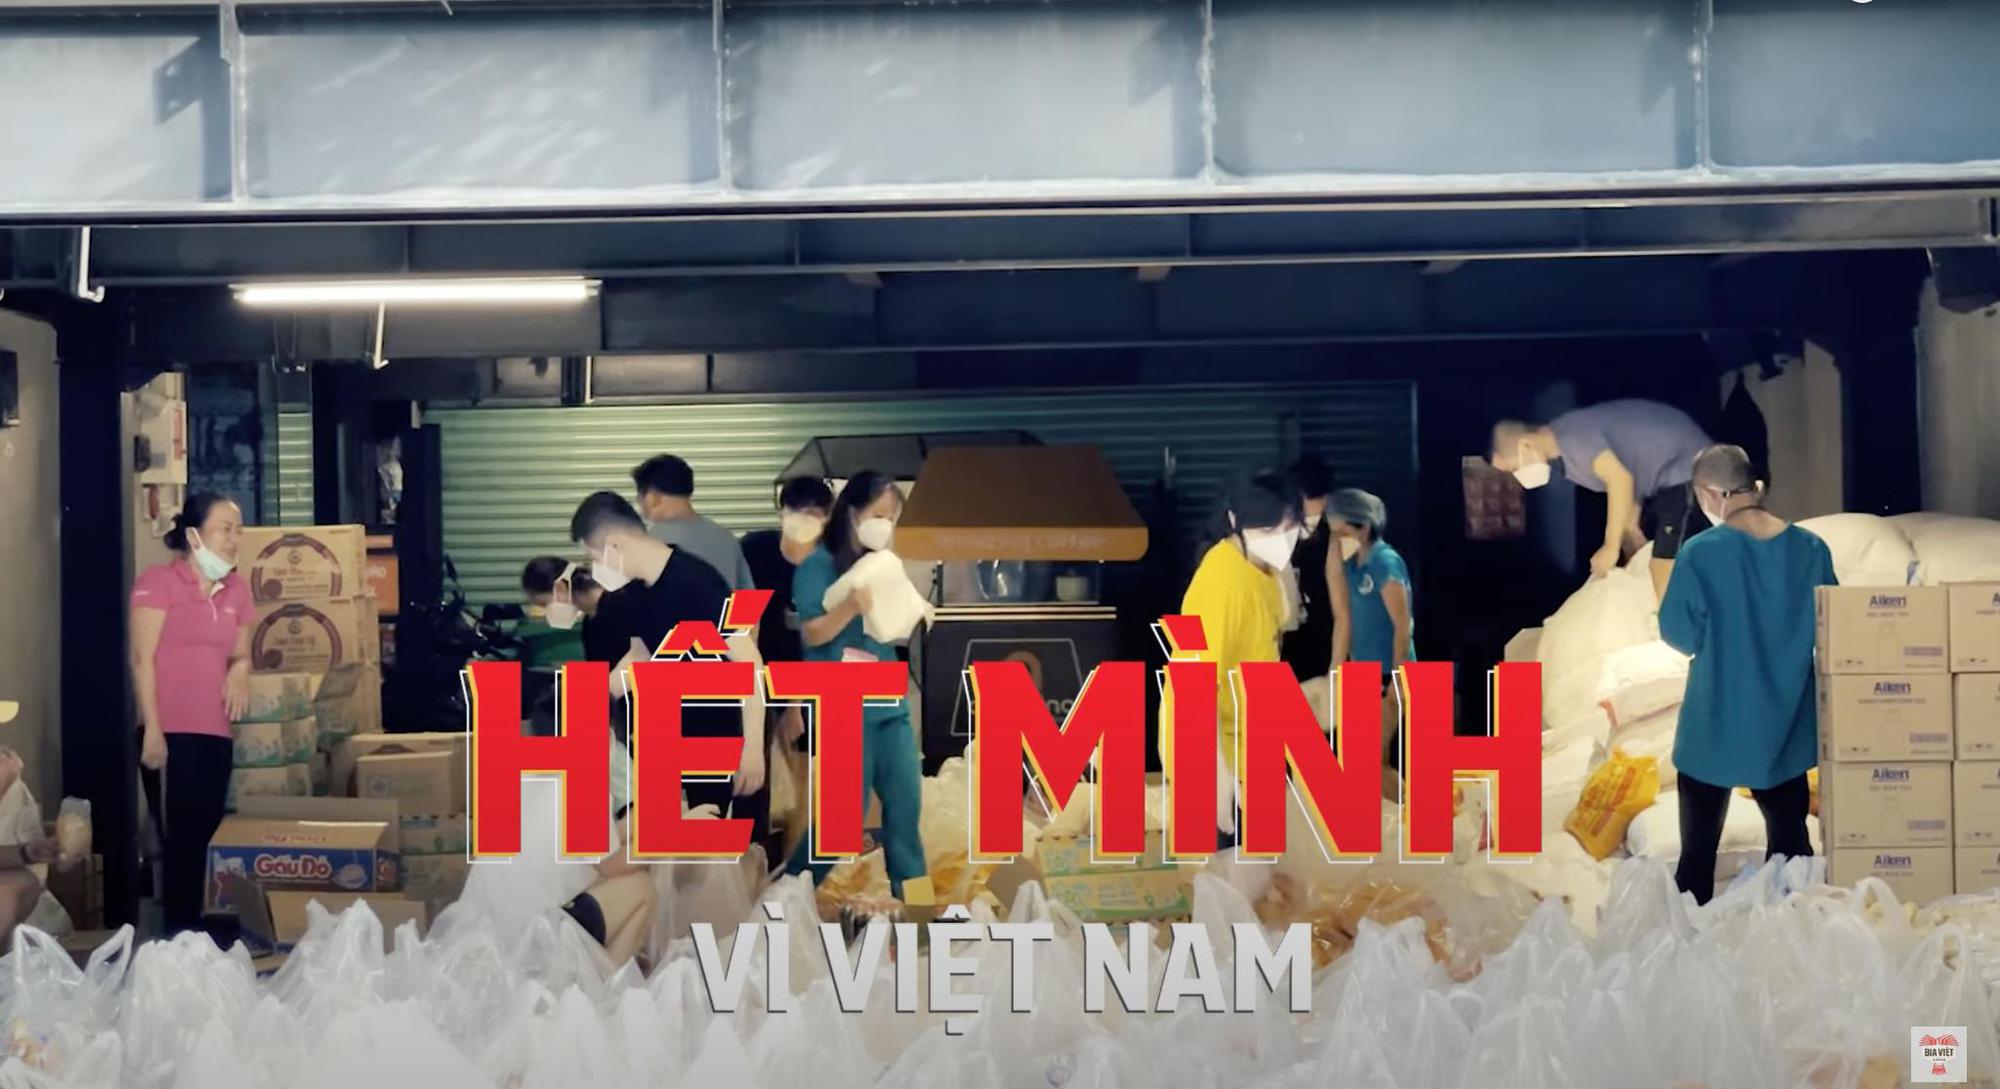 Người trẻ tự hào mang chất Việt, hết mình vì Việt Nam - Ảnh 1.